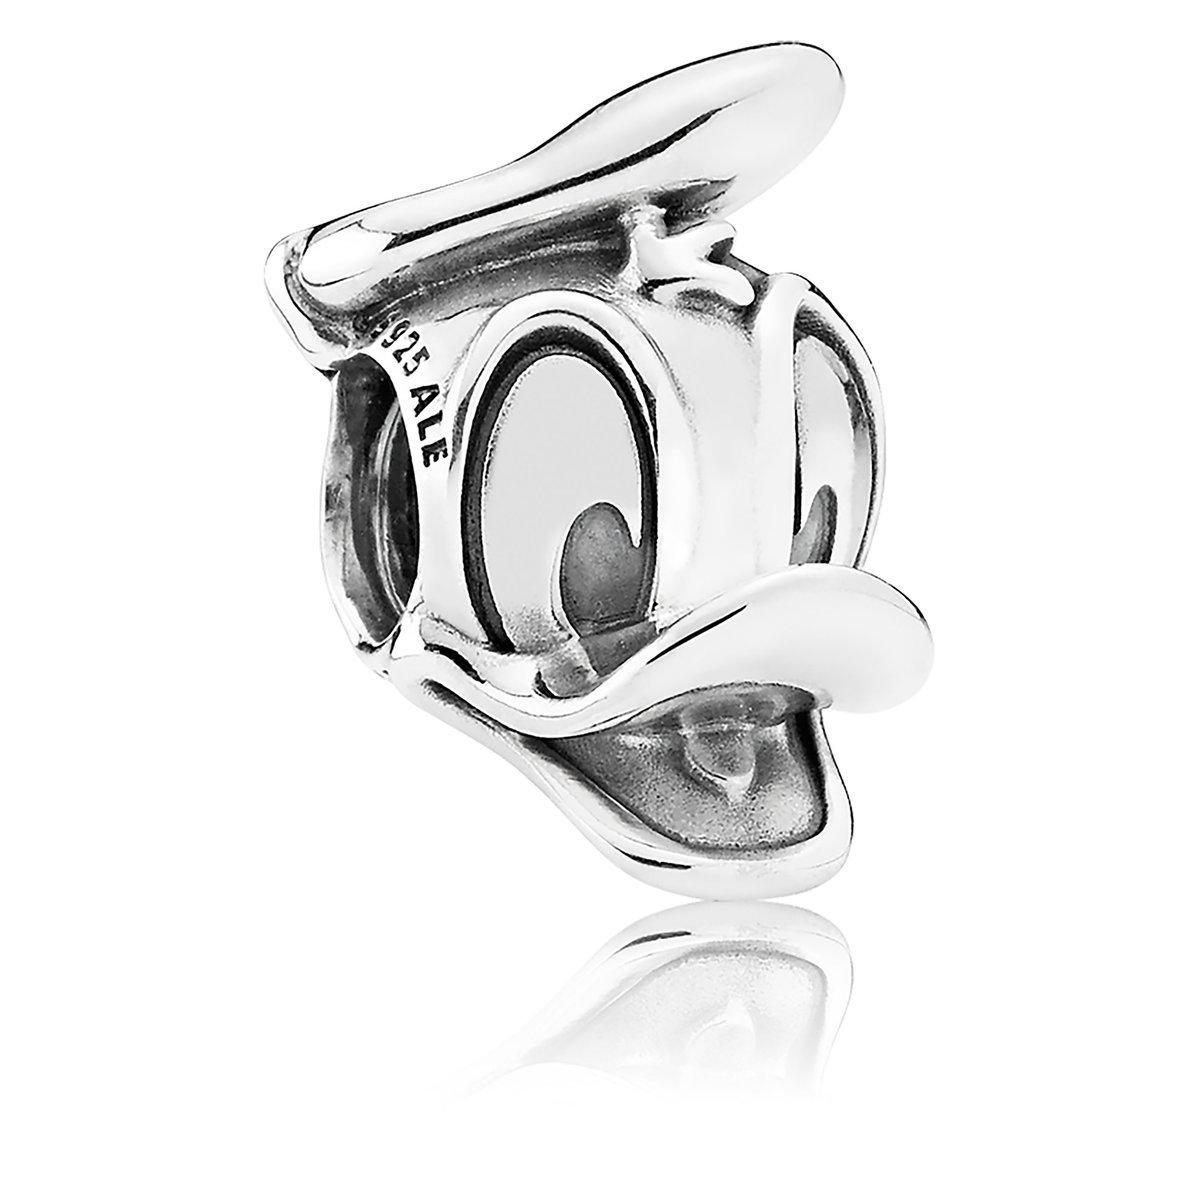 ドナルドダック チャーム ディズニー ジュエリー アクセサリー スターリング銀製 PANDORA ブレスレット WDW グッズ